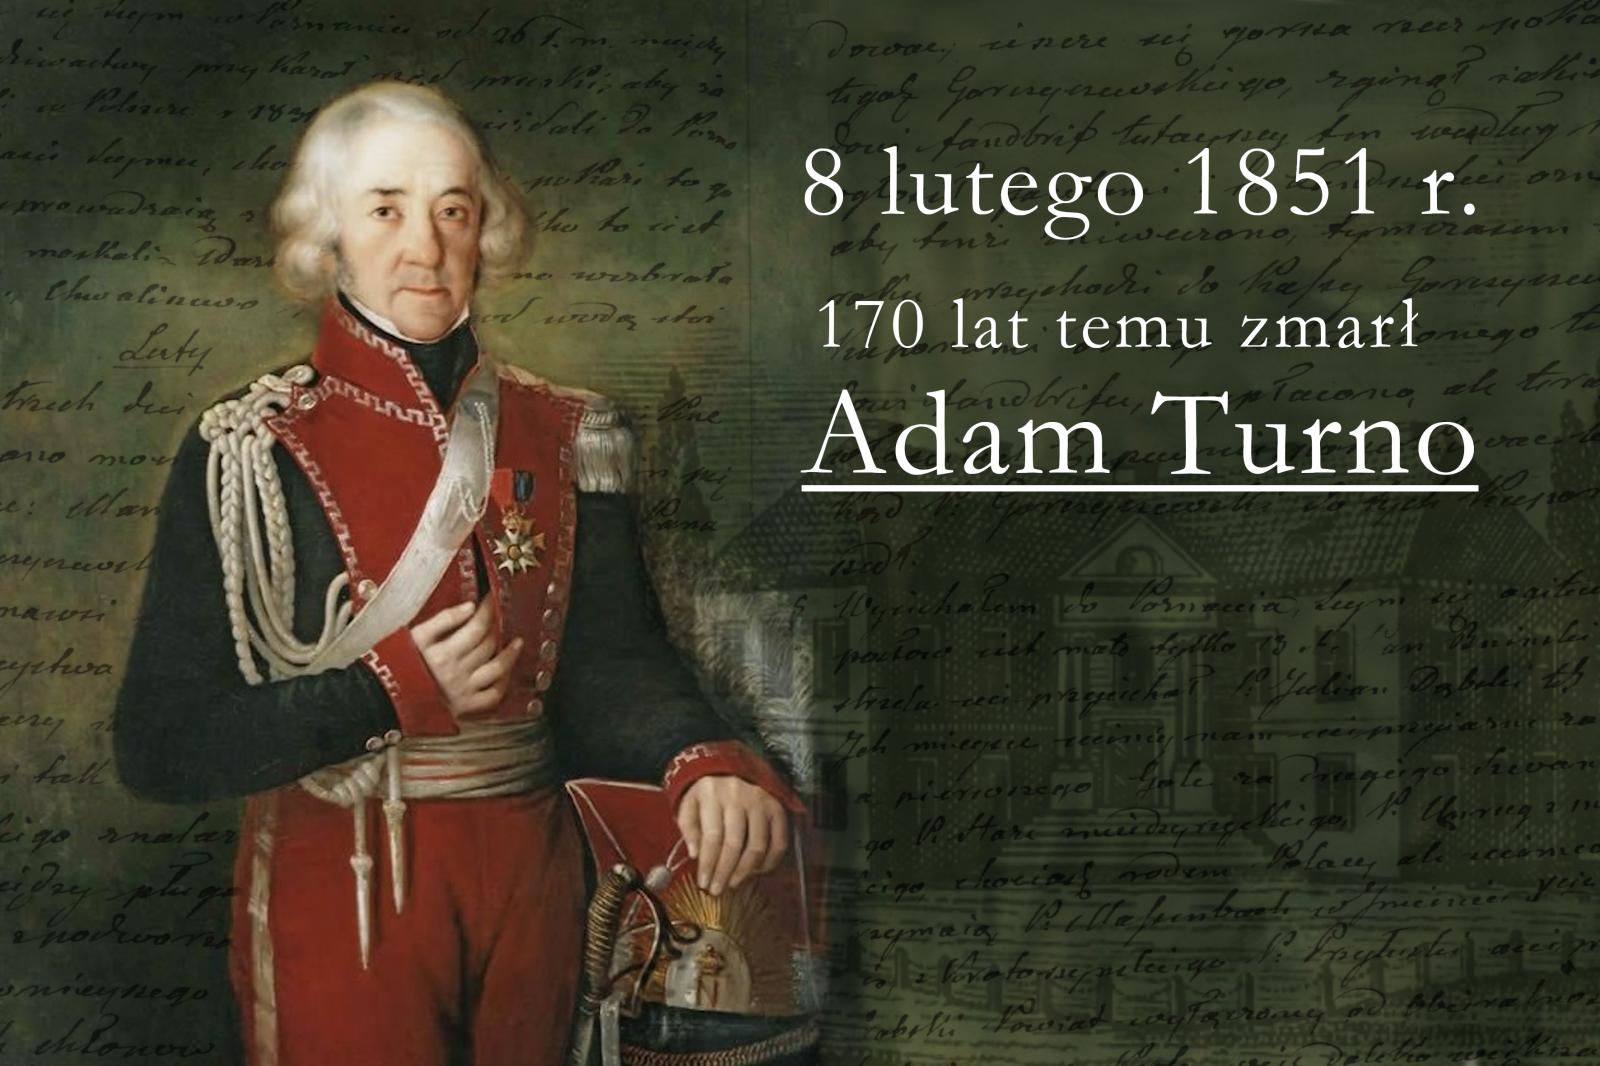 8 LUTEGO 1851 R. -  170. ROCZNICA ŚMIERCI ADAMA TURNY